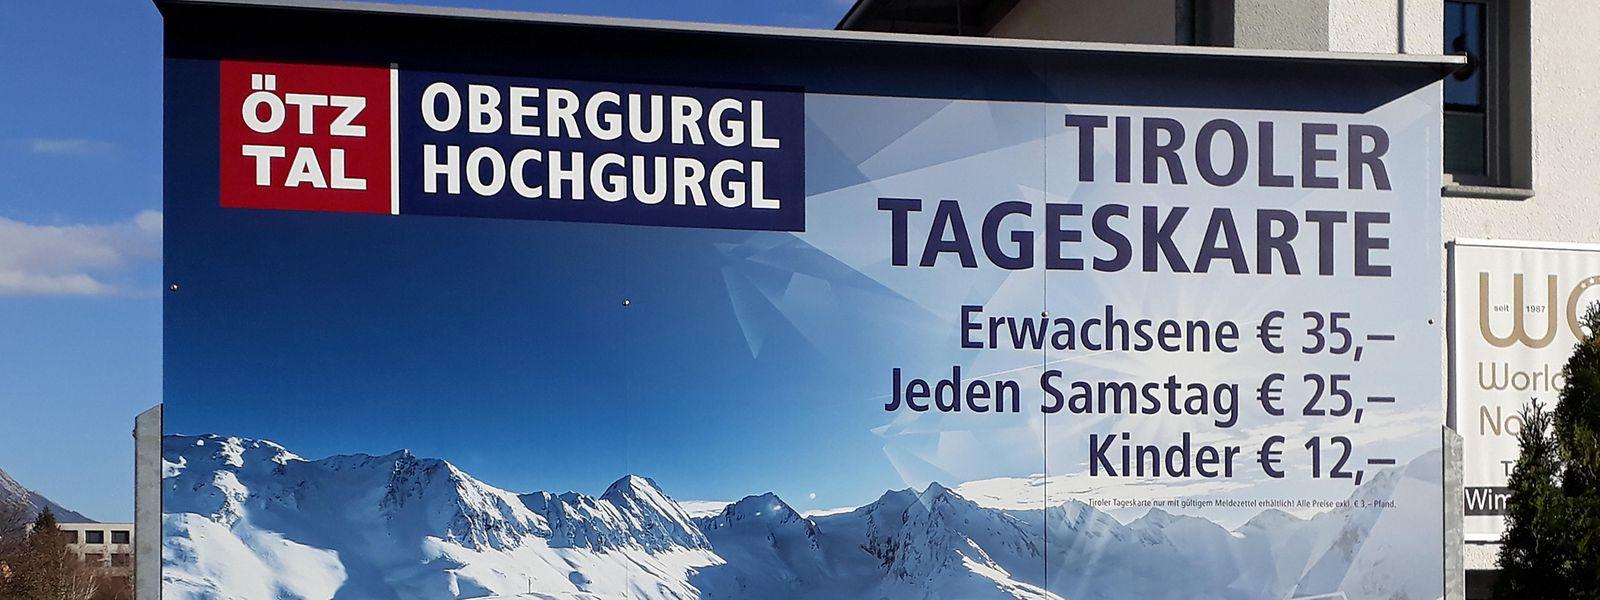 Werbebanner in Innsbruck: Fremde müssen für die Tageskarte im Skigebiet Obergurgl/Hochgurgl 53 Euro zahlen, Einheimische nur 35 beziehungsweise 25 Euro.